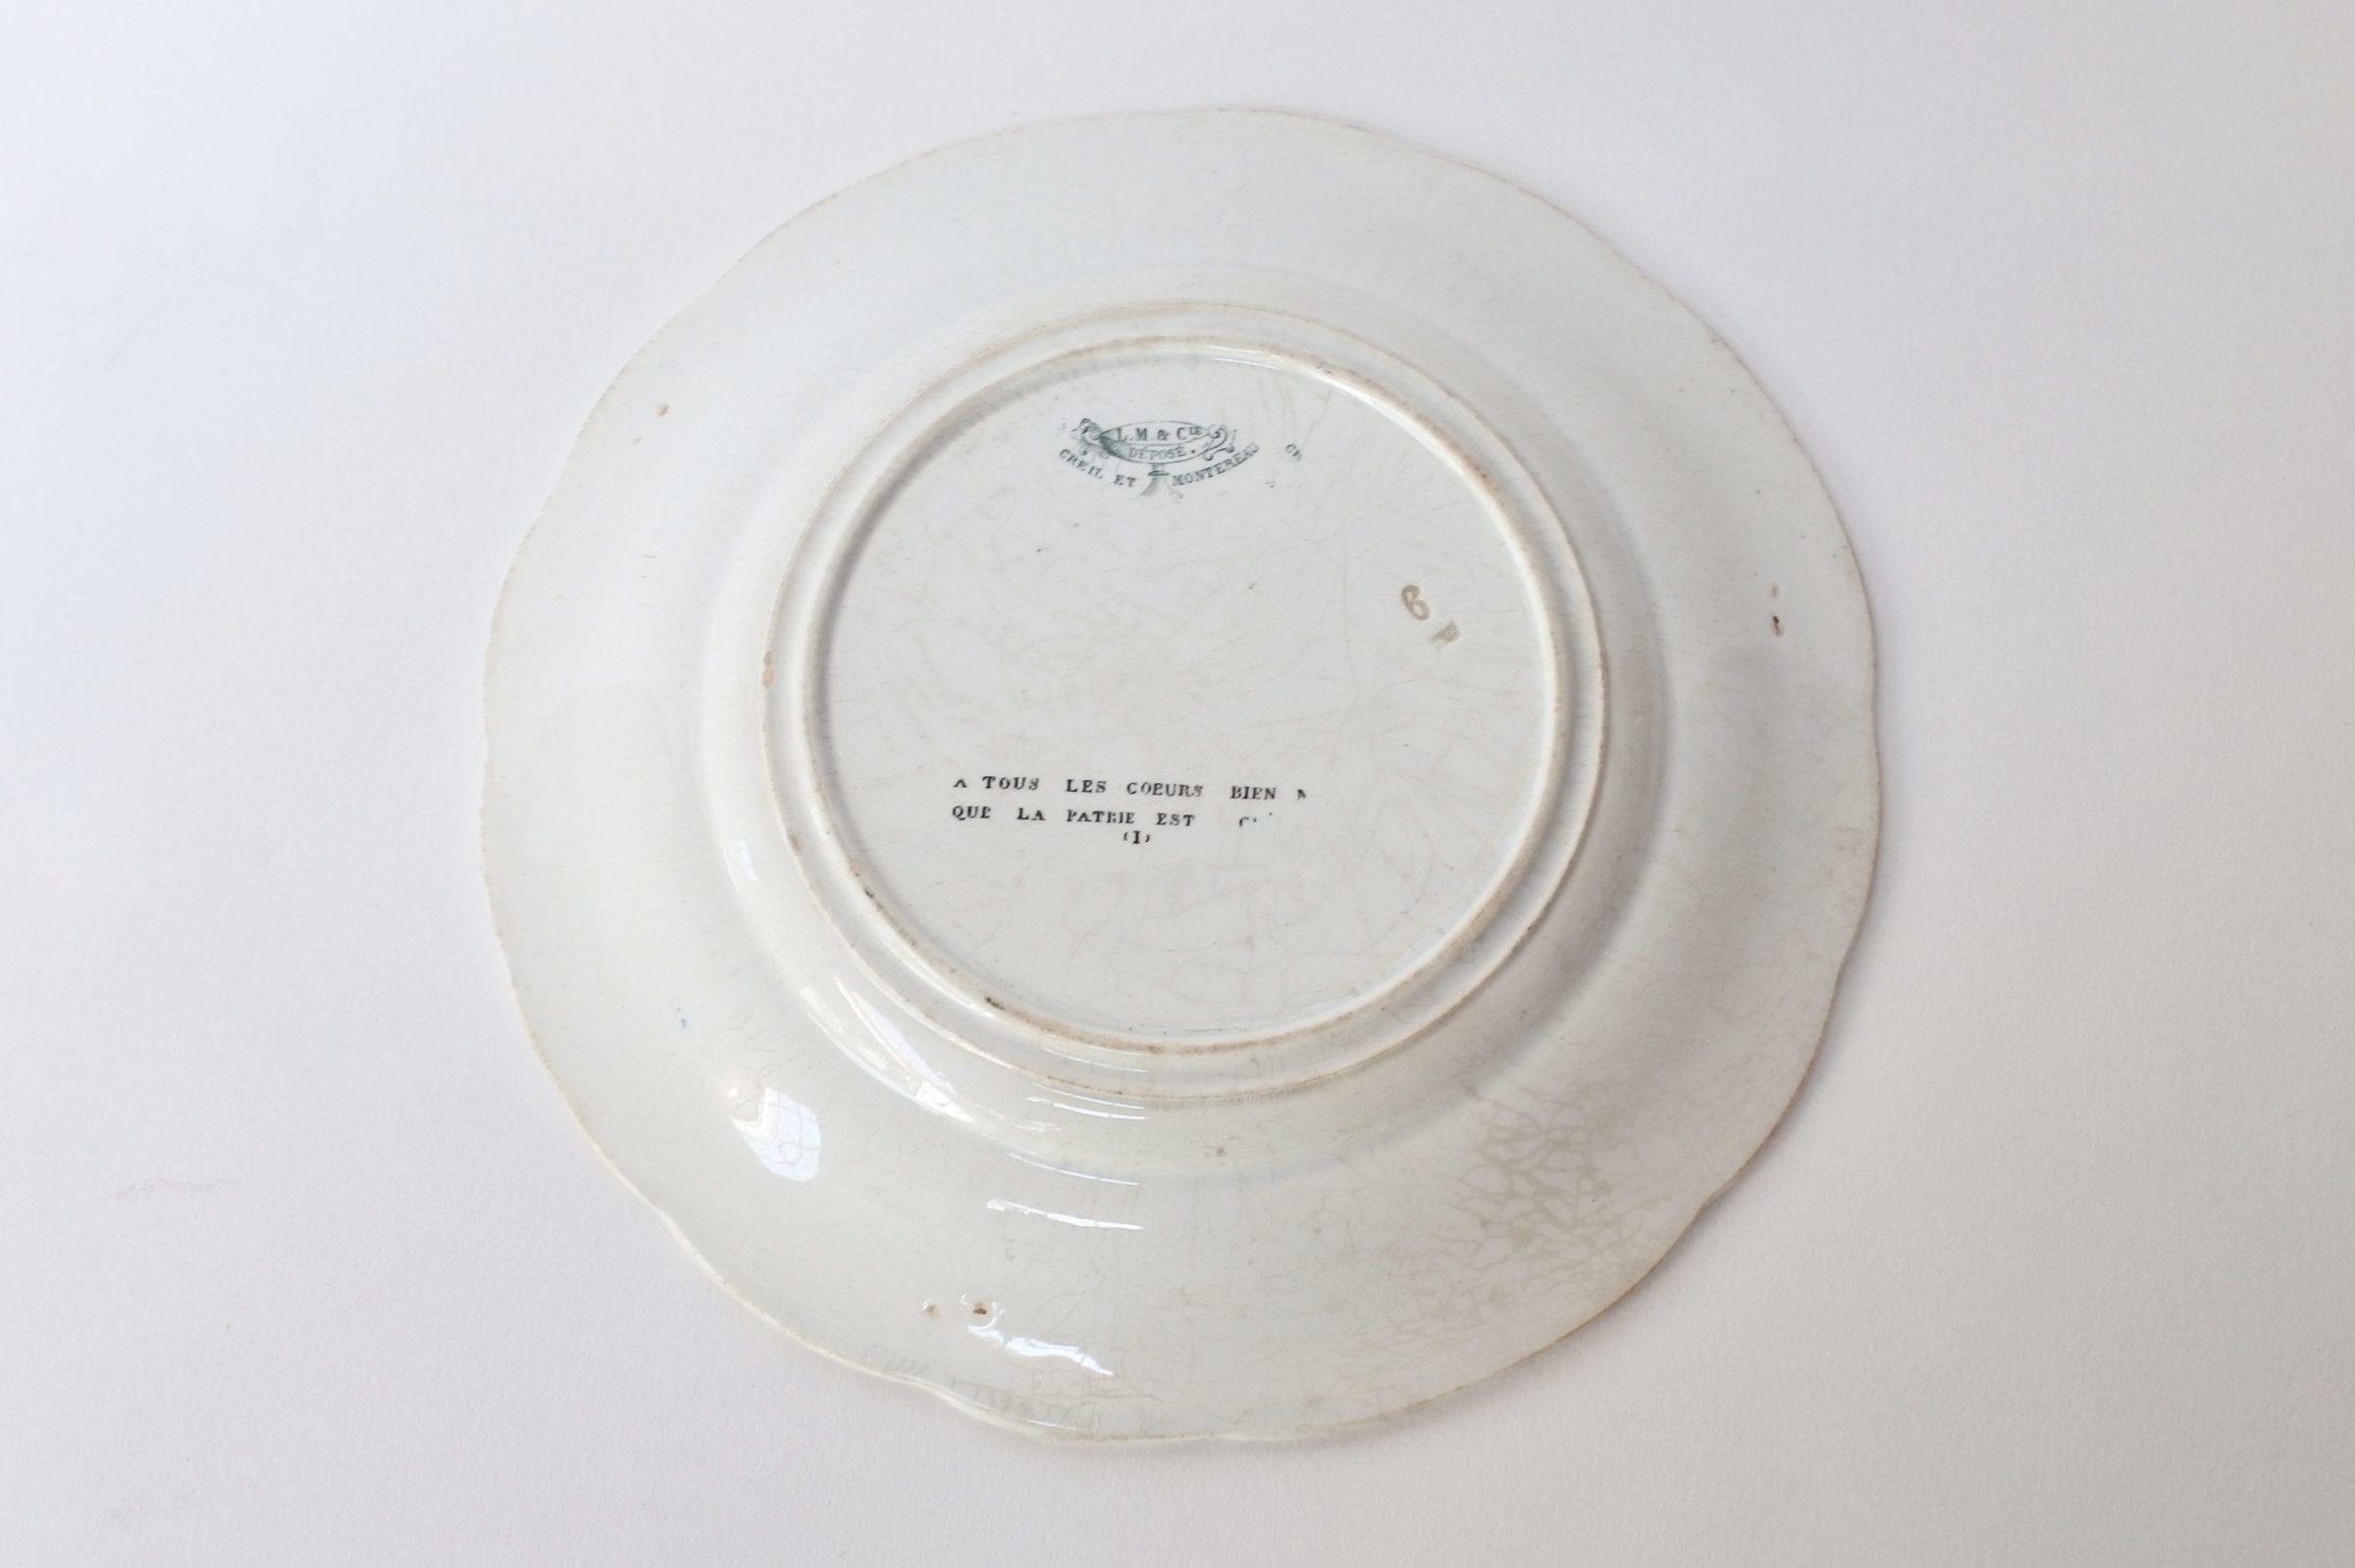 Piatto in ceramica con cornice blu decorato con rebus - decoro Piatto in ceramica con cornice blu decorato con rebus - decoro n° 1 - 2